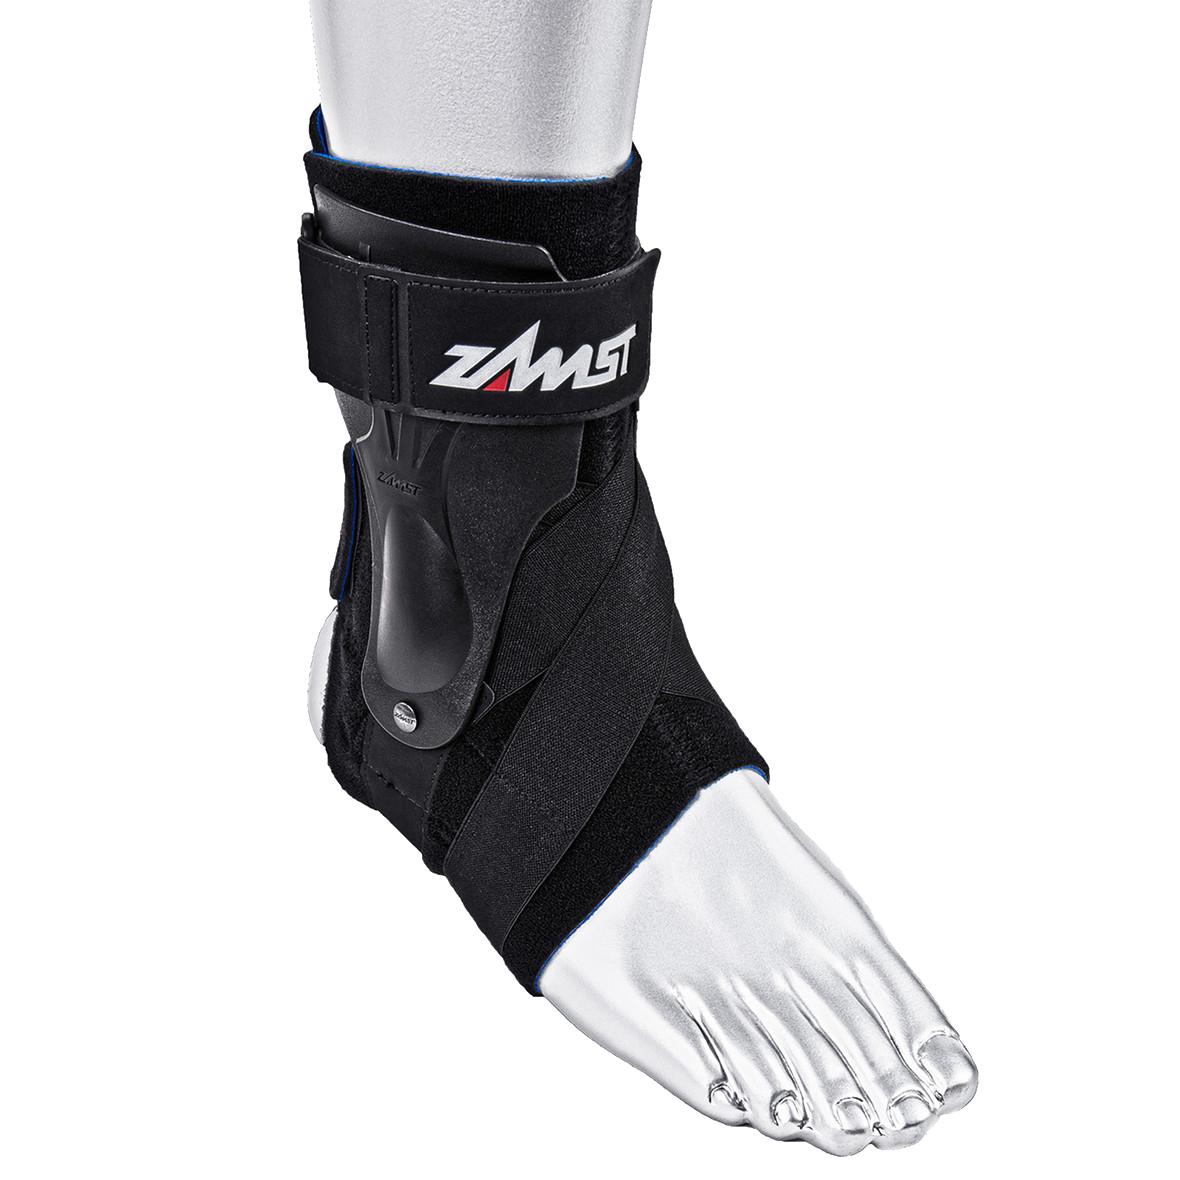 Zamst A2-DX Enkelbrace - Zwart - Rechts - XL